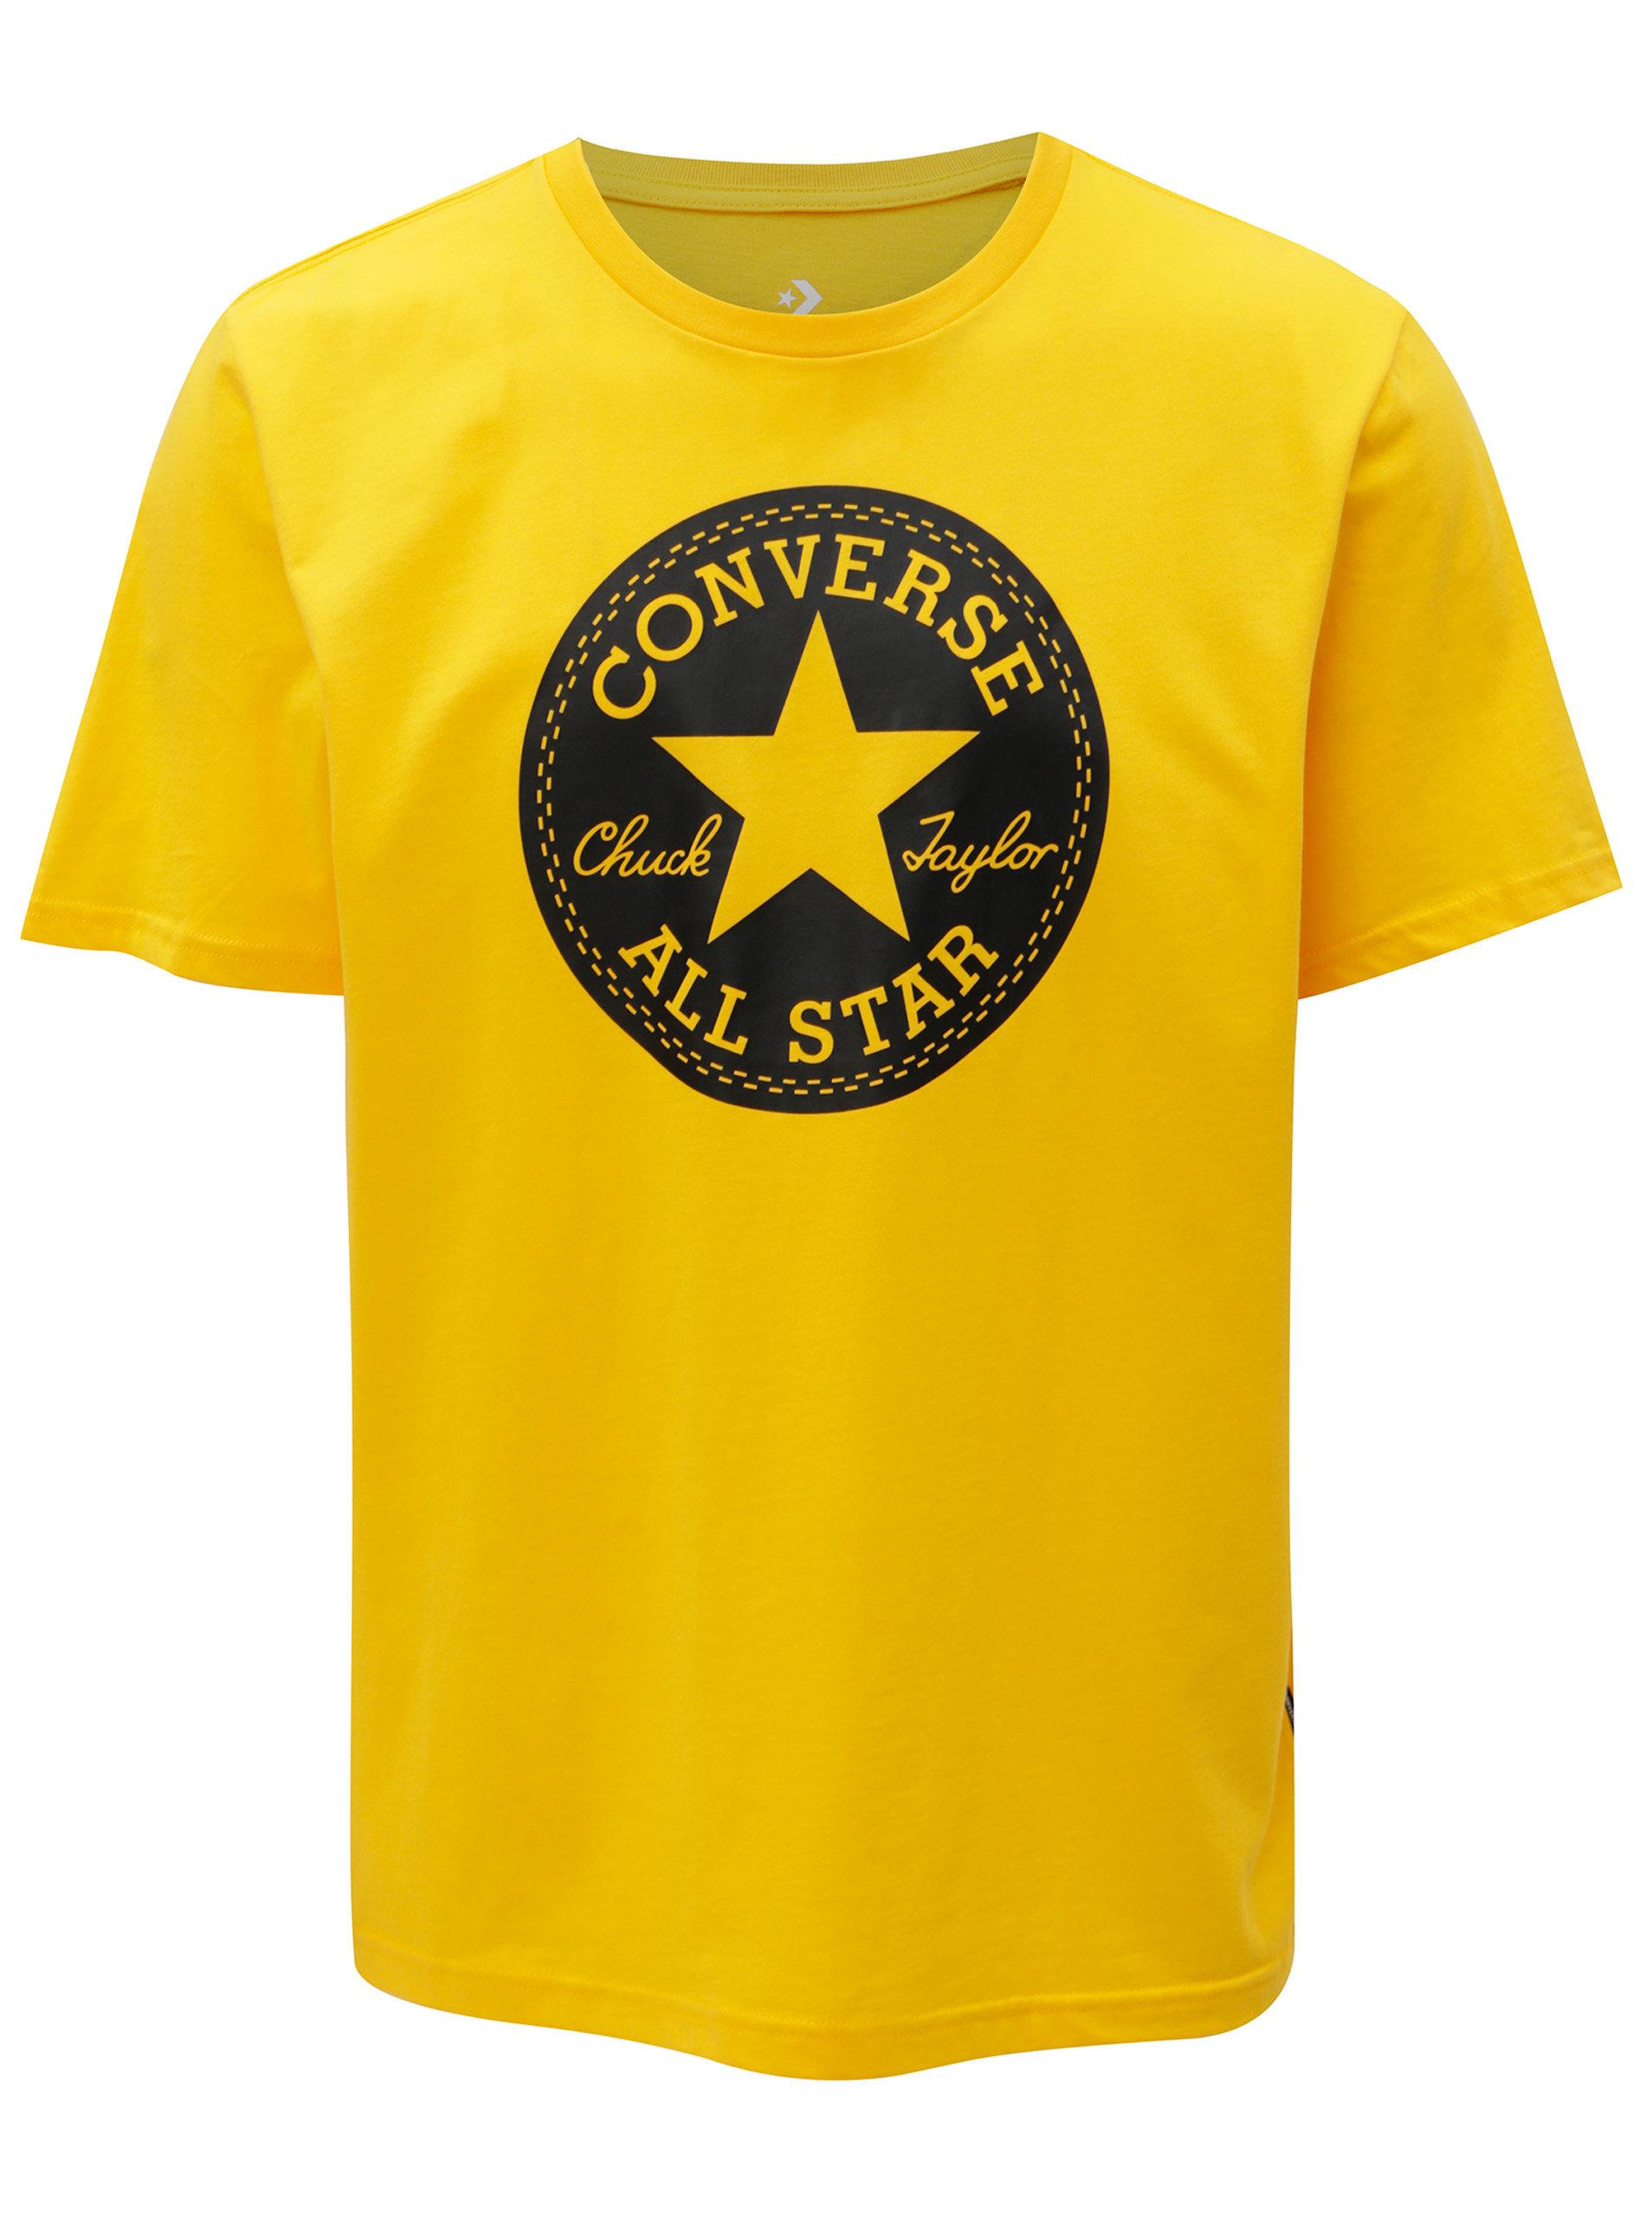 Žlté pánske tričko s potlačou Converse Chuck Patch ... 082f6e345a5